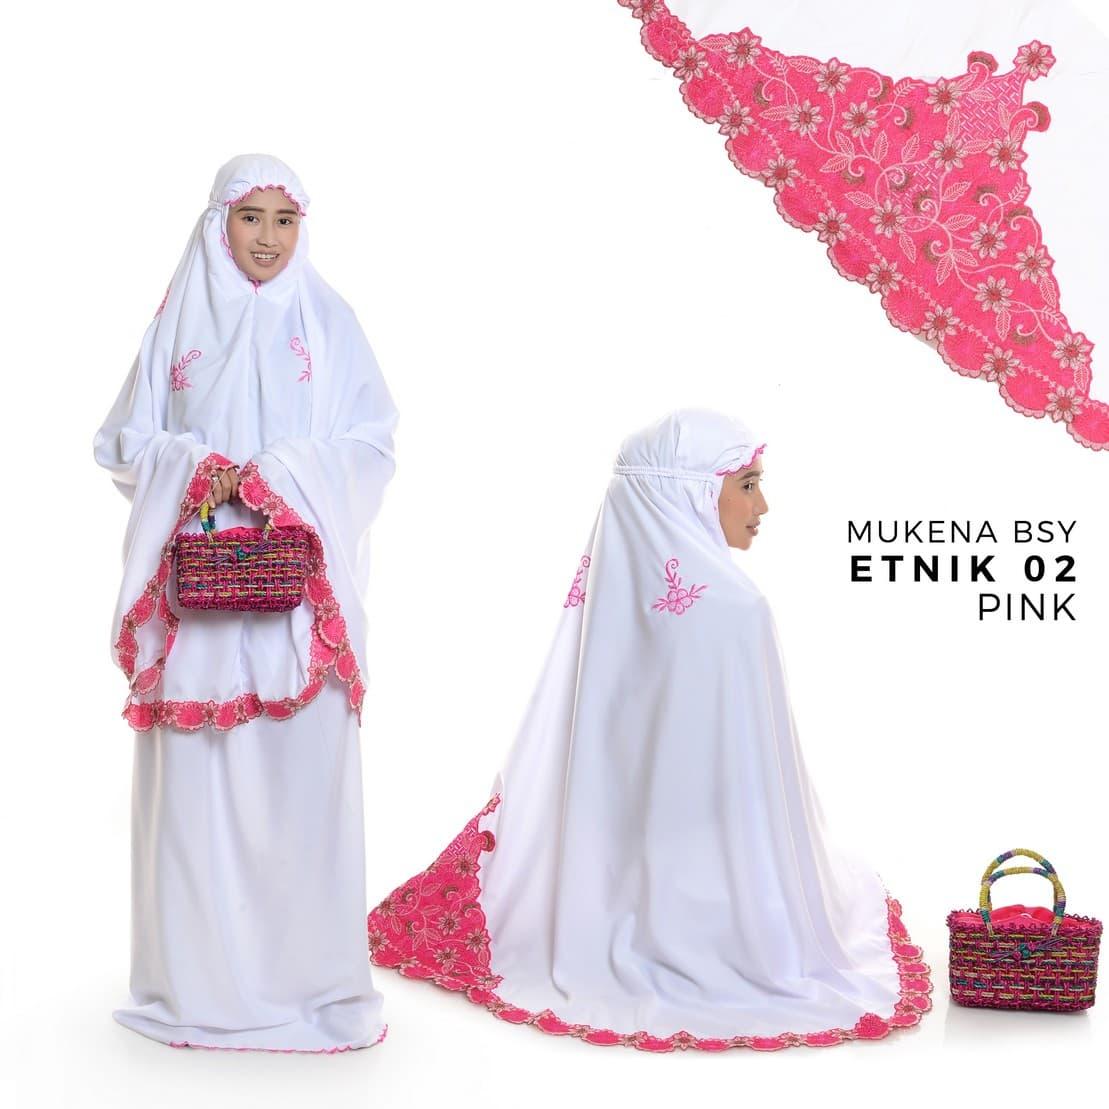 Mukena Dewasa Simpel Pink Daftar Harga Terbaru Dan Terupdate Indonesia Bouquet Jual Ada Tas Rotan Cantik Warna Putih Renda